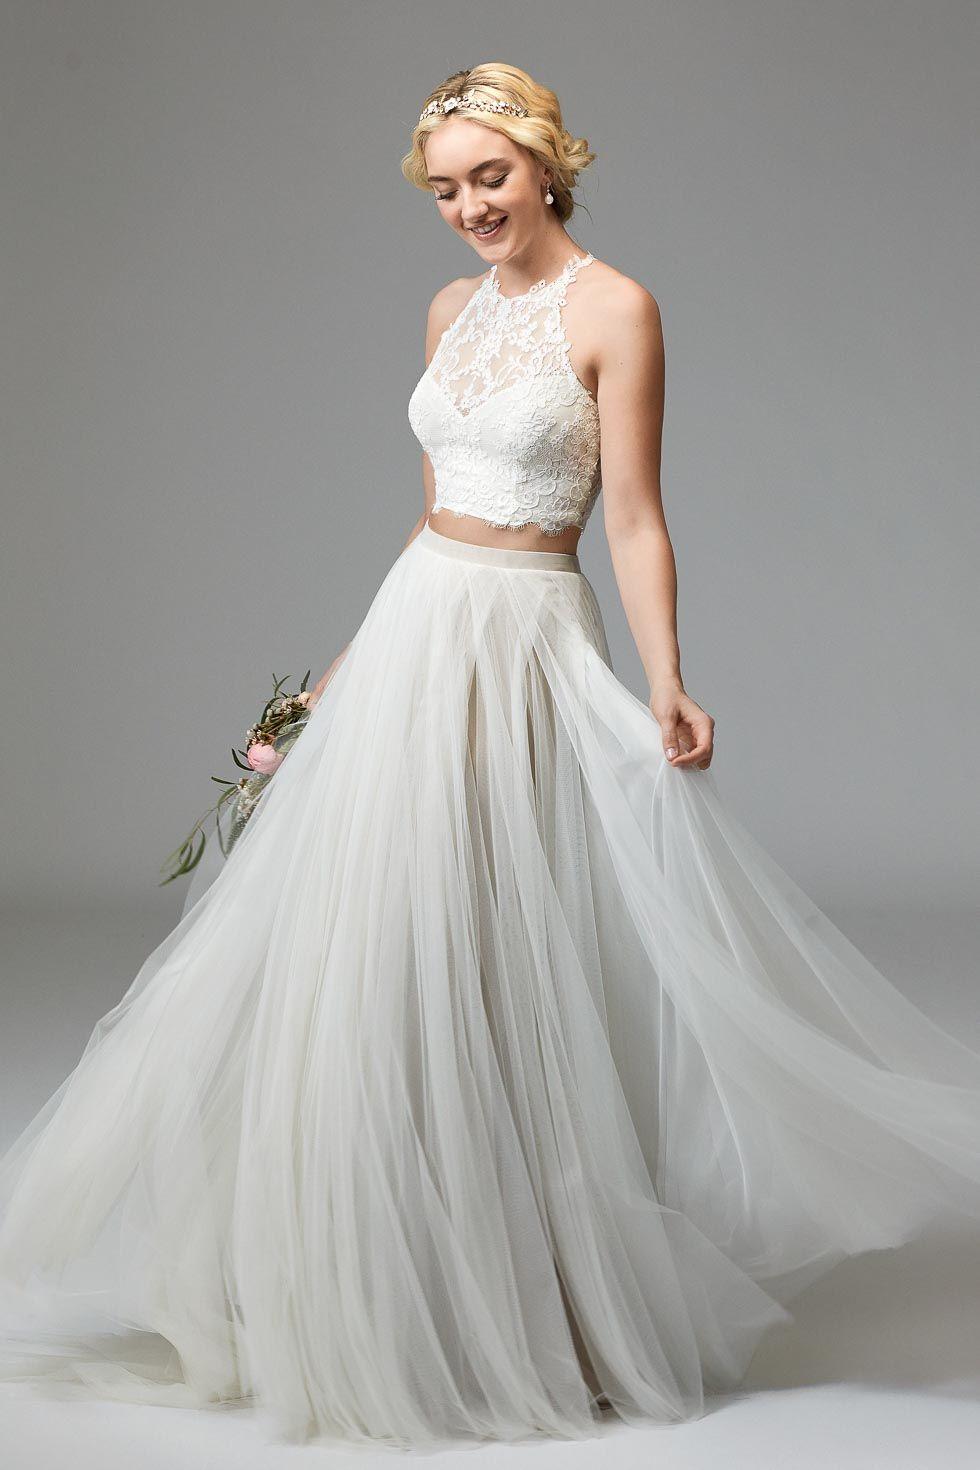 Willowby Brides | Brautkleider, Hochzeitskleider und Brautkleid ...